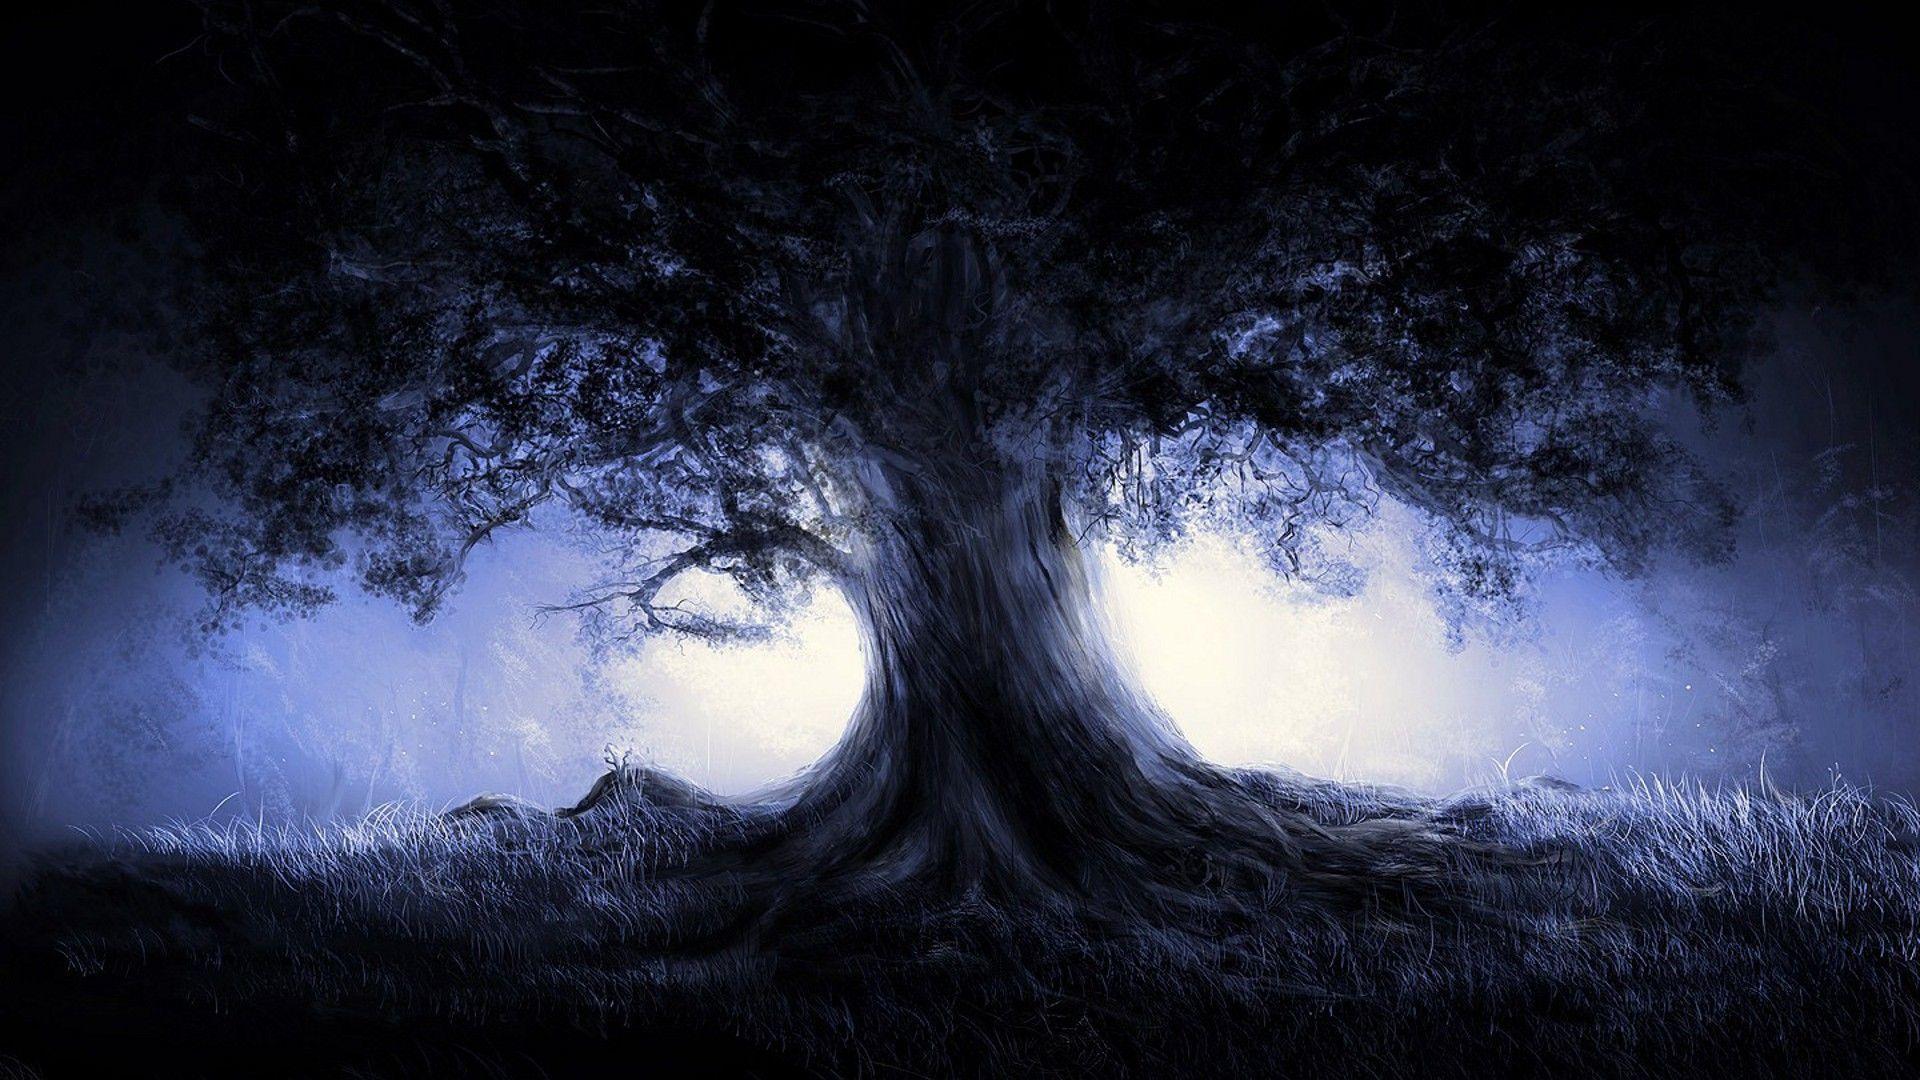 Tree In The Dark Forest Wallpaper - Dark Nature Cool Backgrounds , HD Wallpaper & Backgrounds